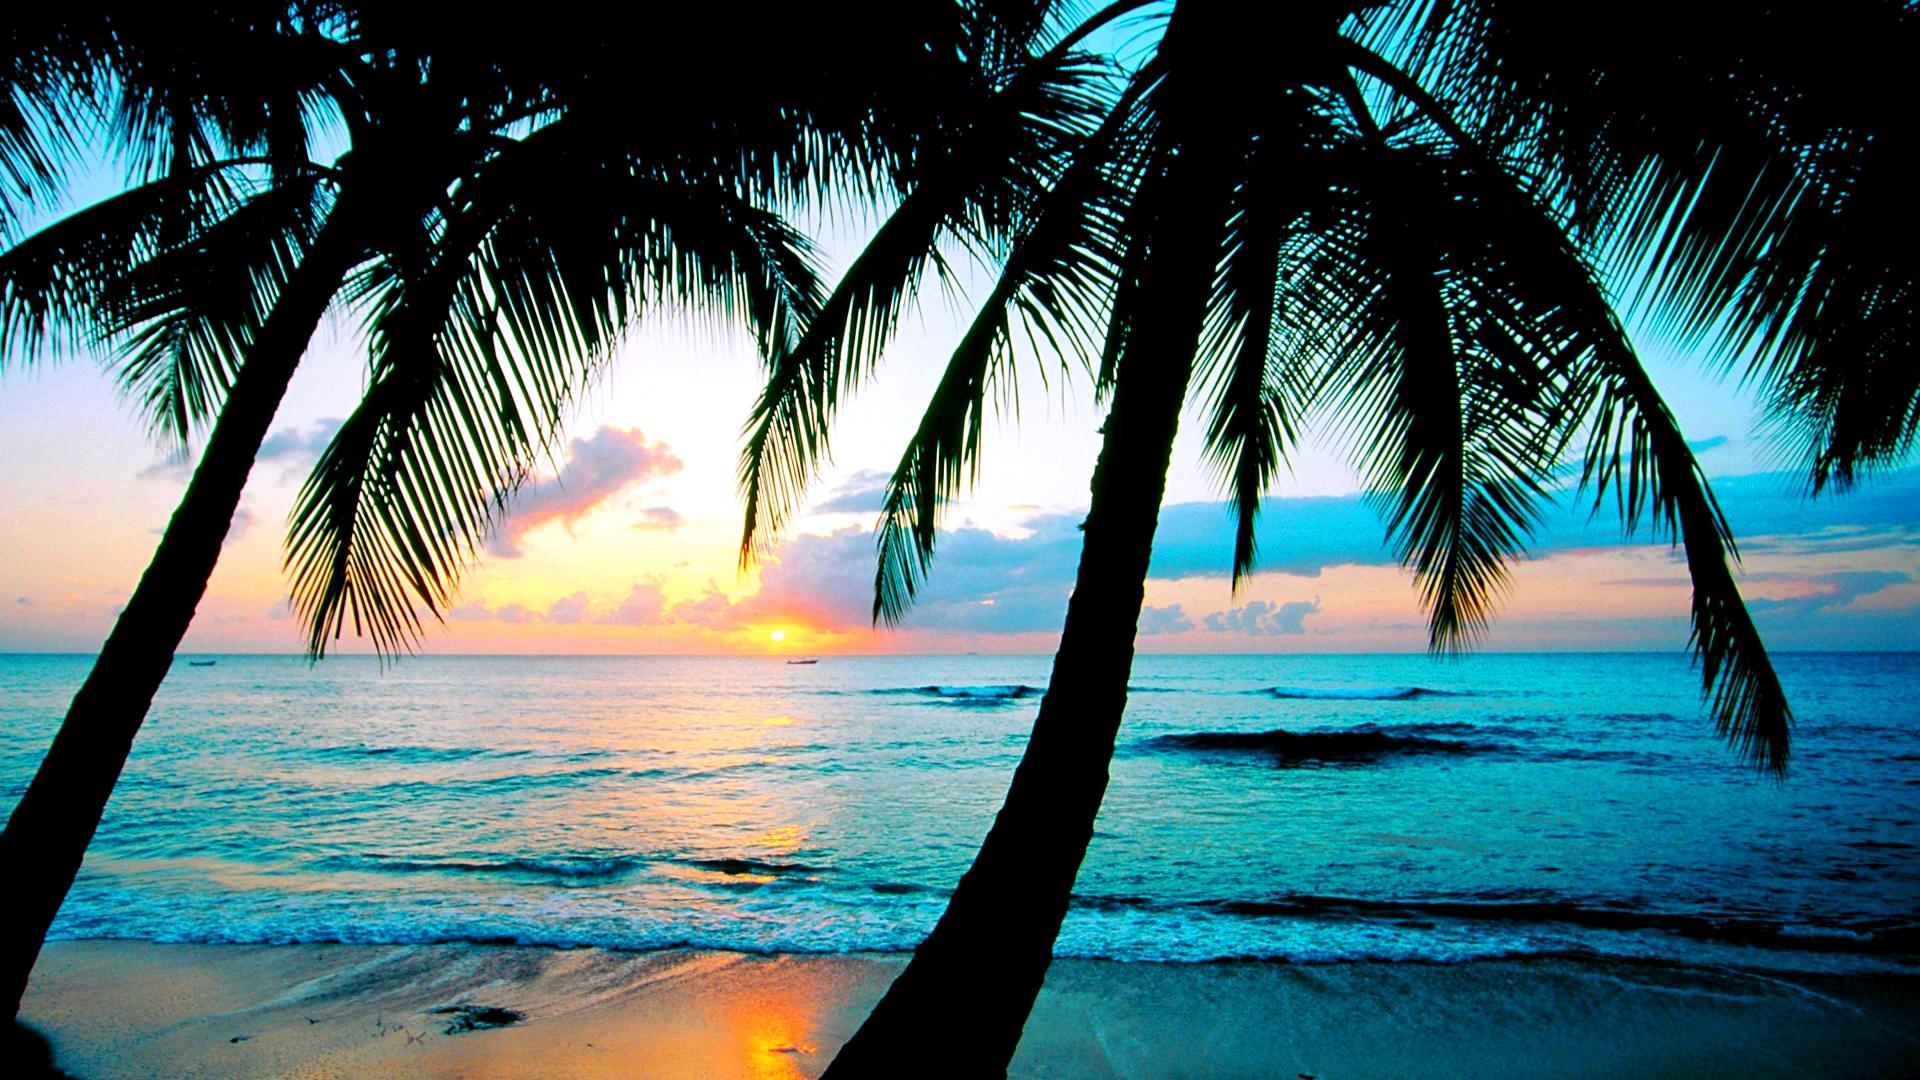 Free Download Beach Desktop Wallpapers Download Desktop